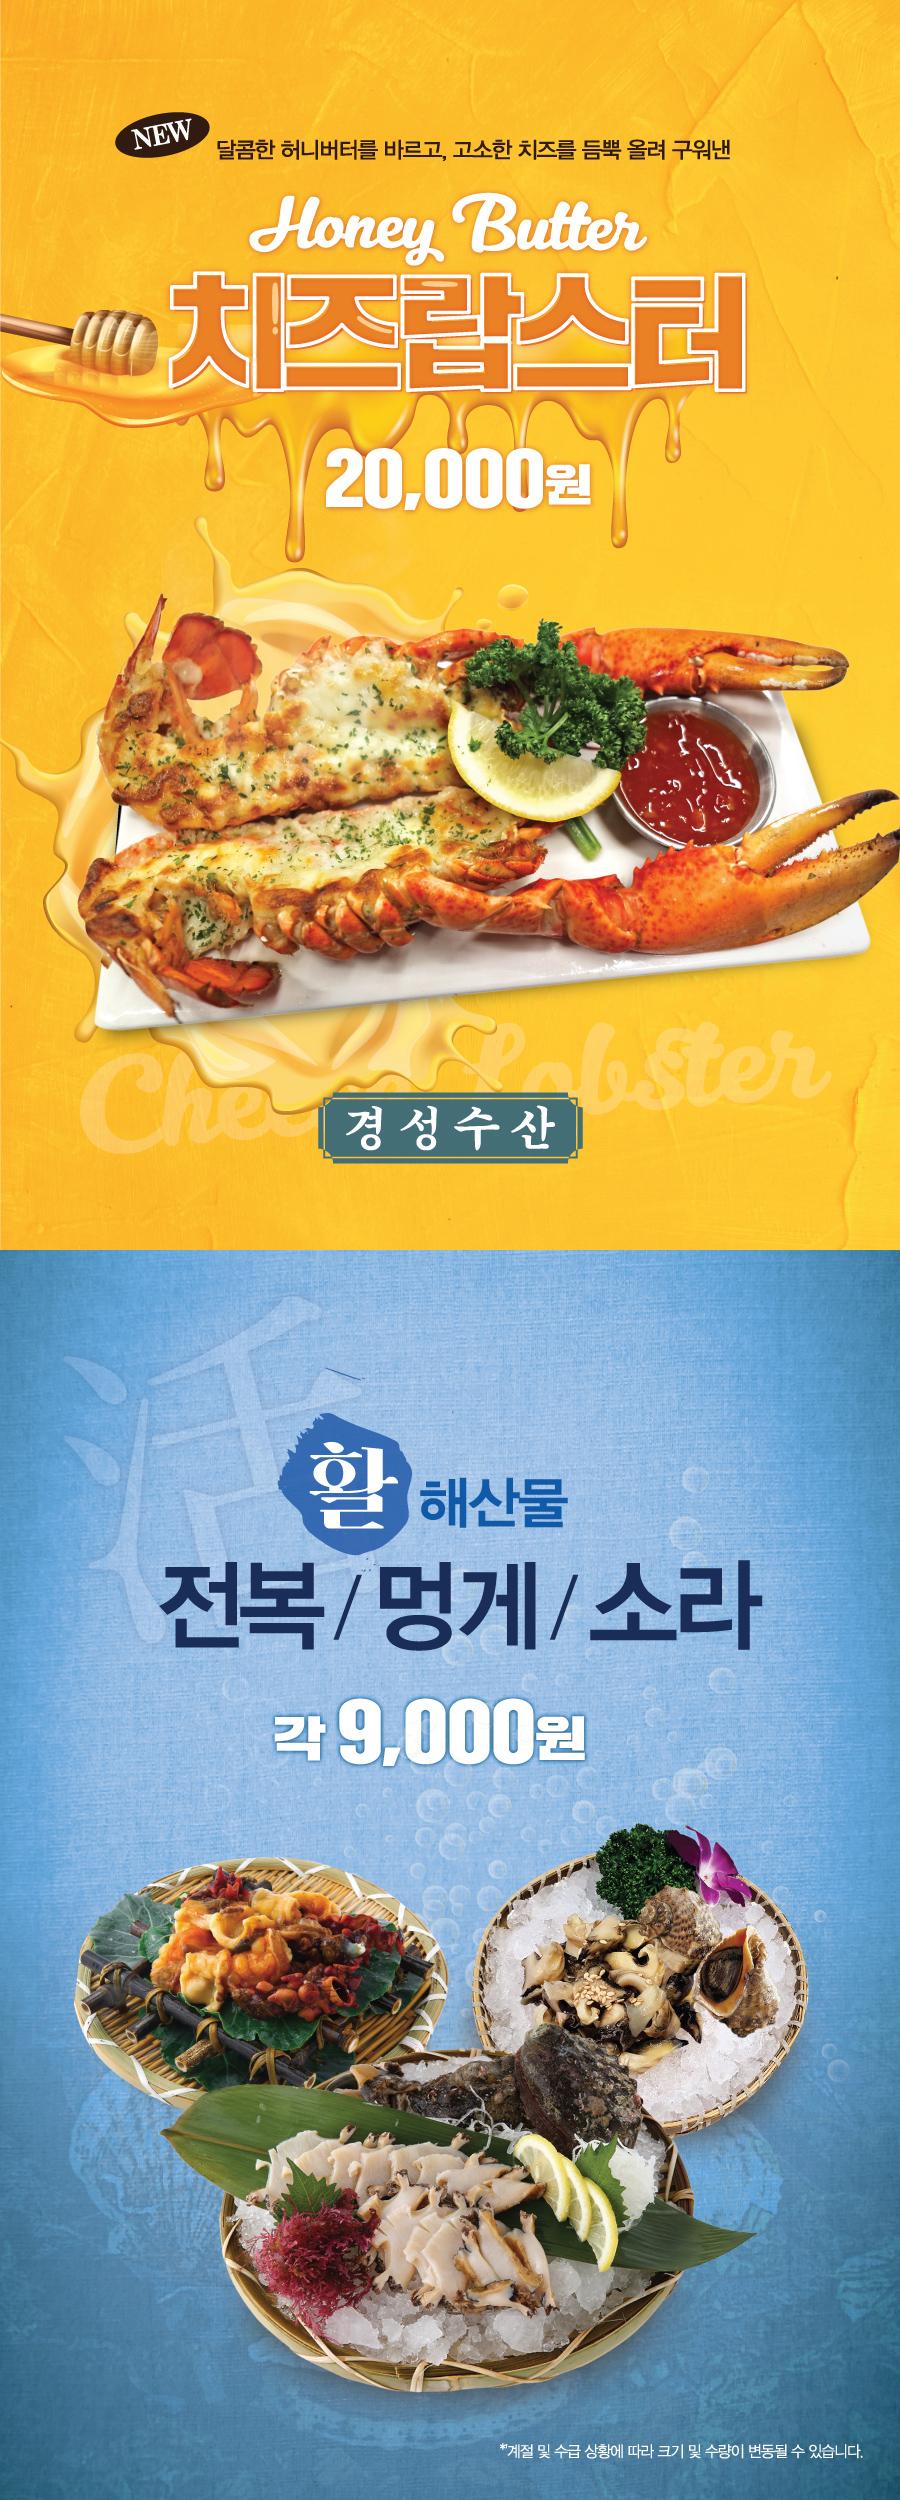 경성수산 신메뉴 출시(치즈랍스터, 단품 해산물)